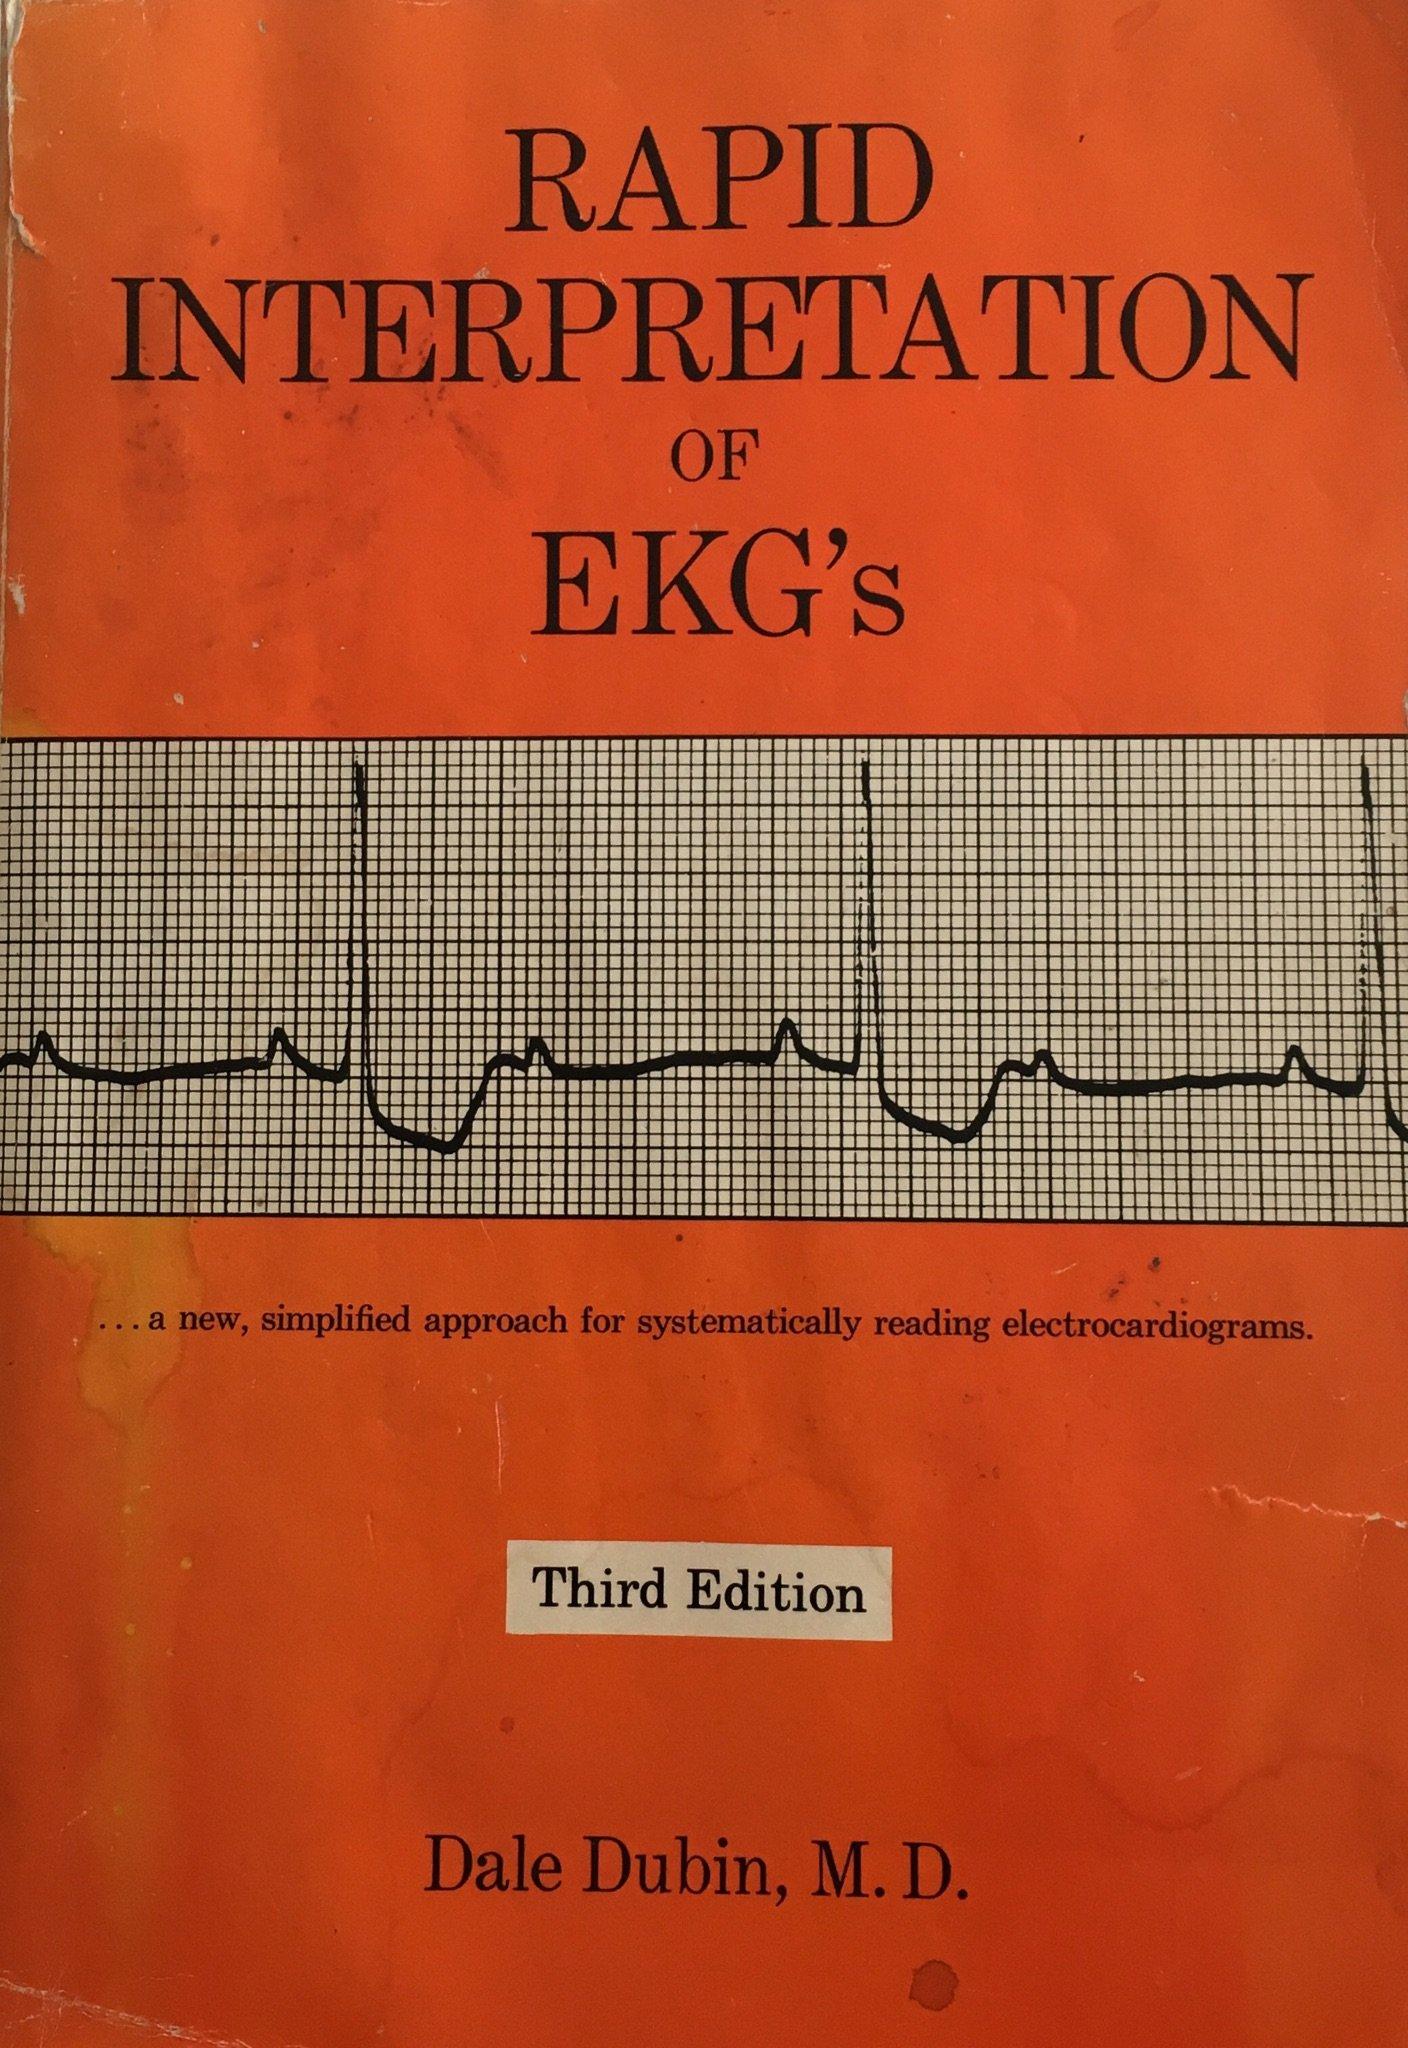 EKG Definition